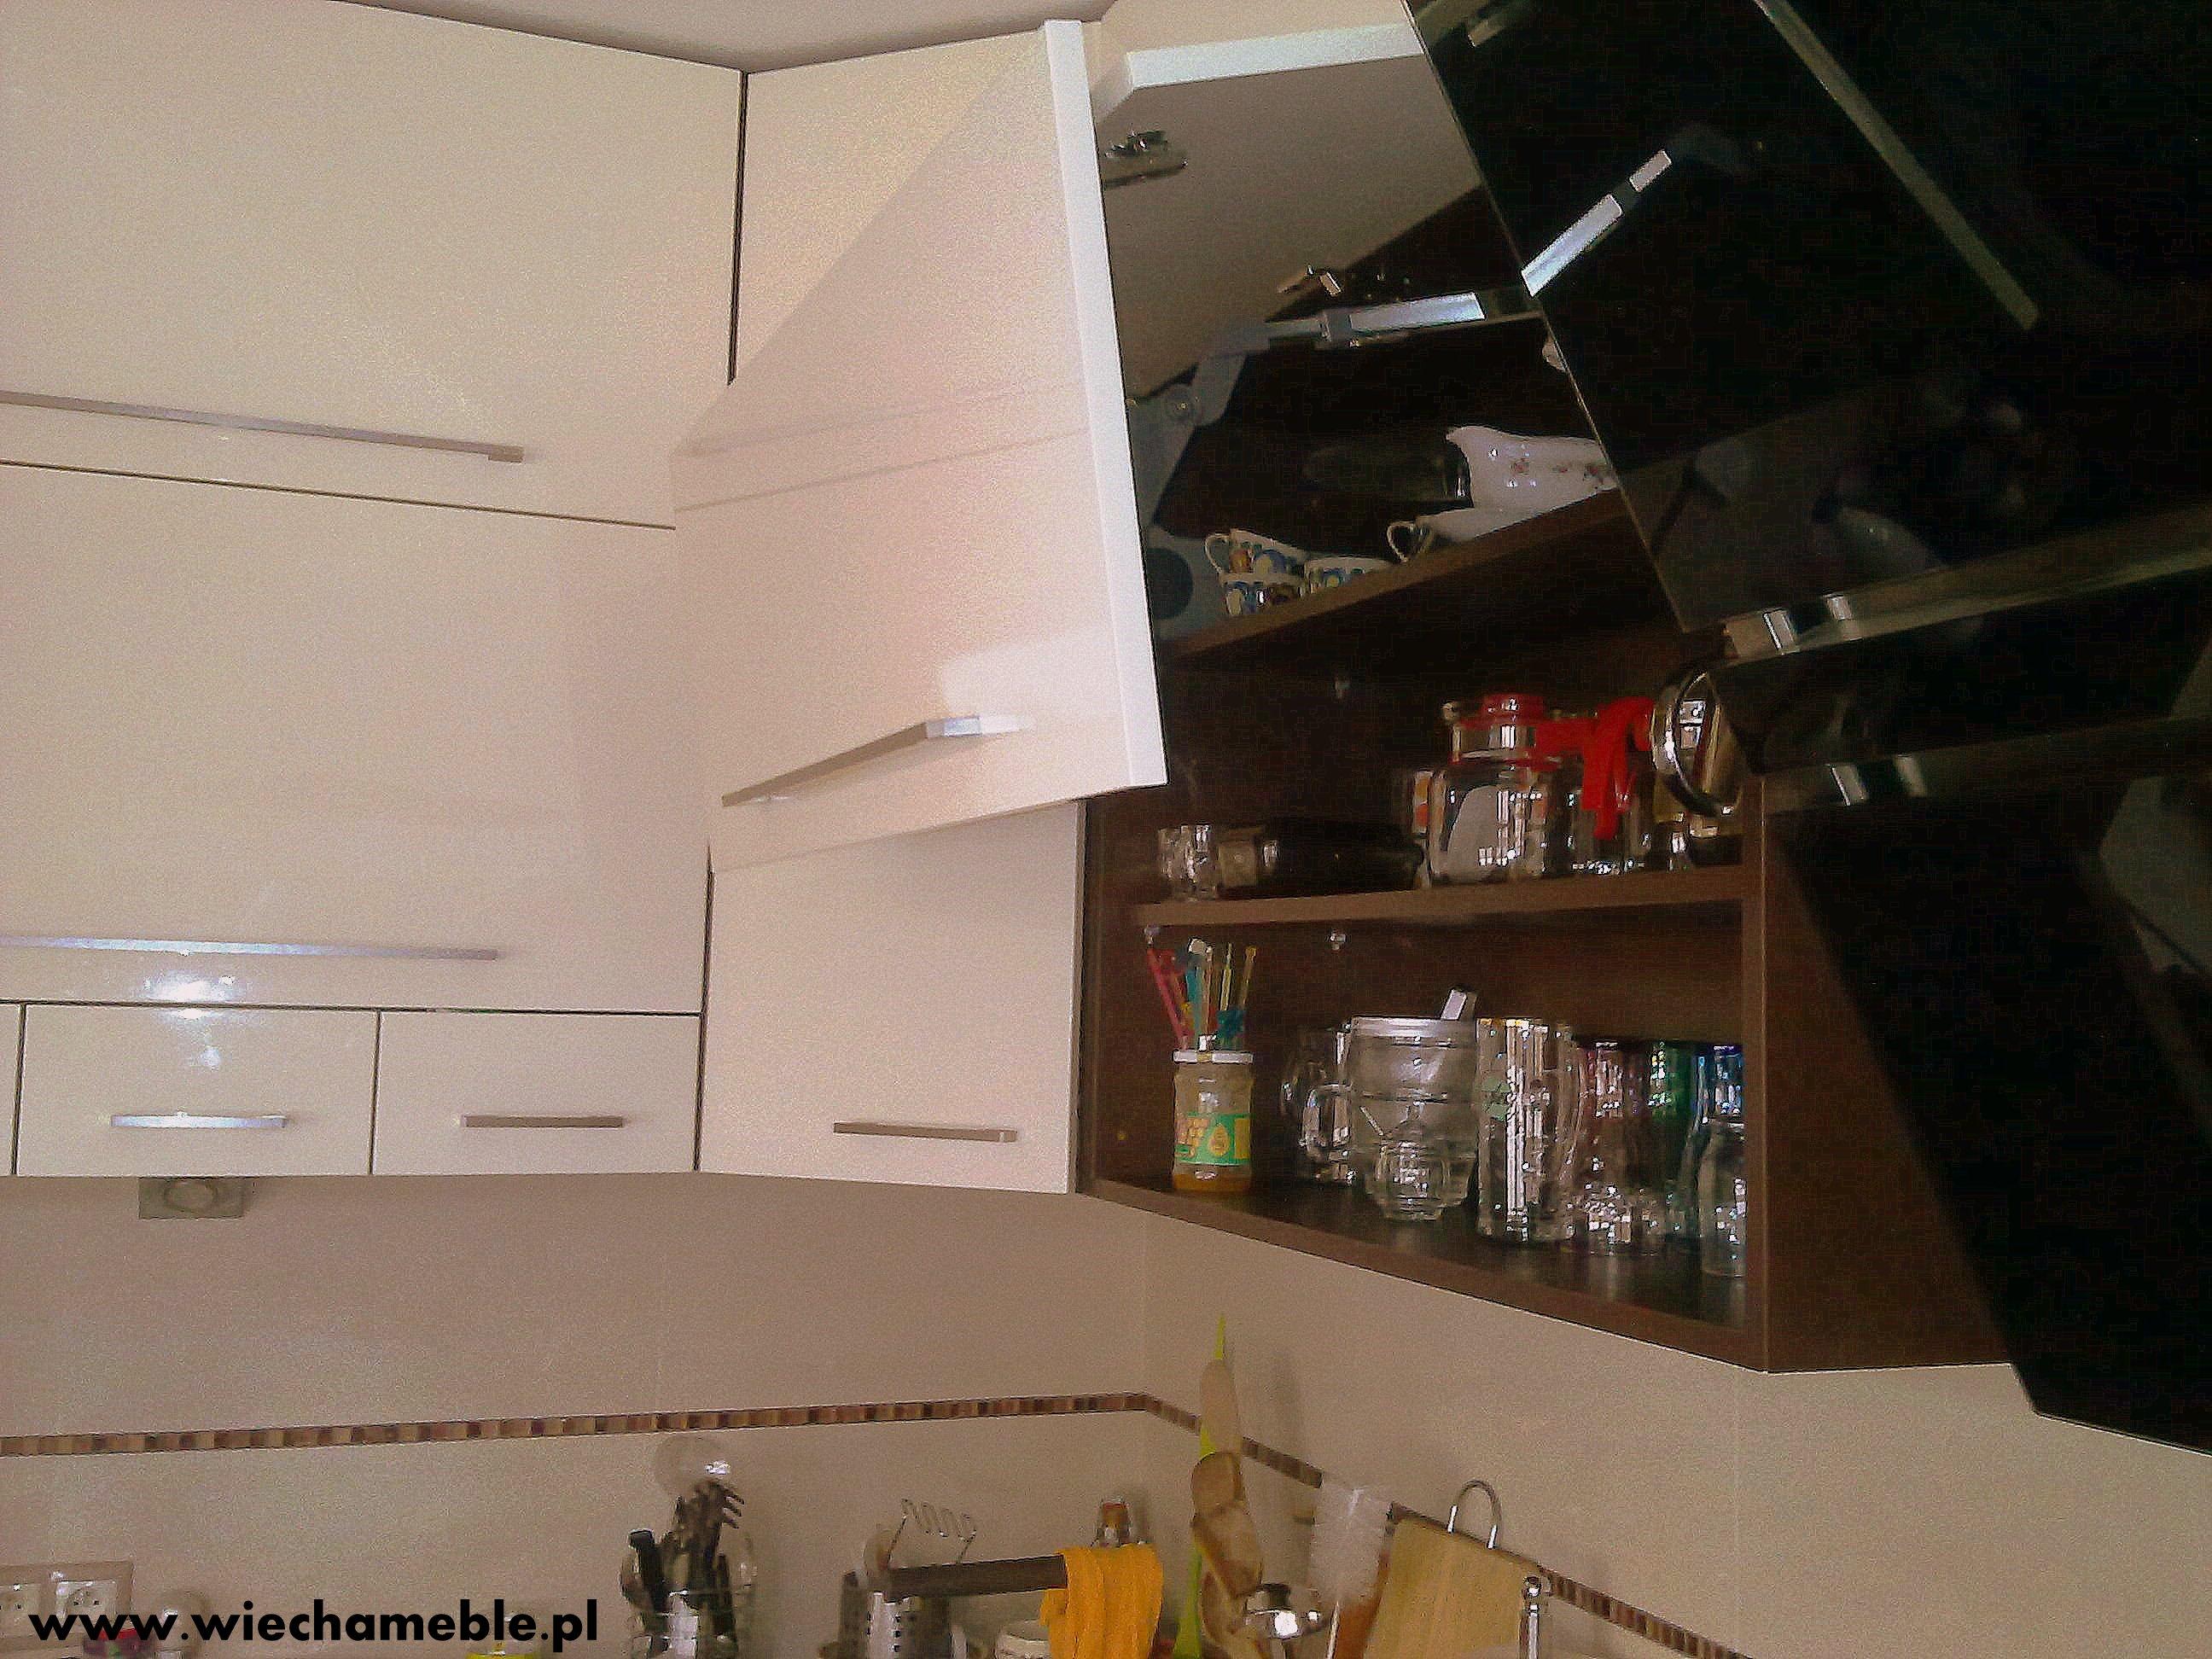 meble kuchenne w nowoczesnym stylu wiechameble